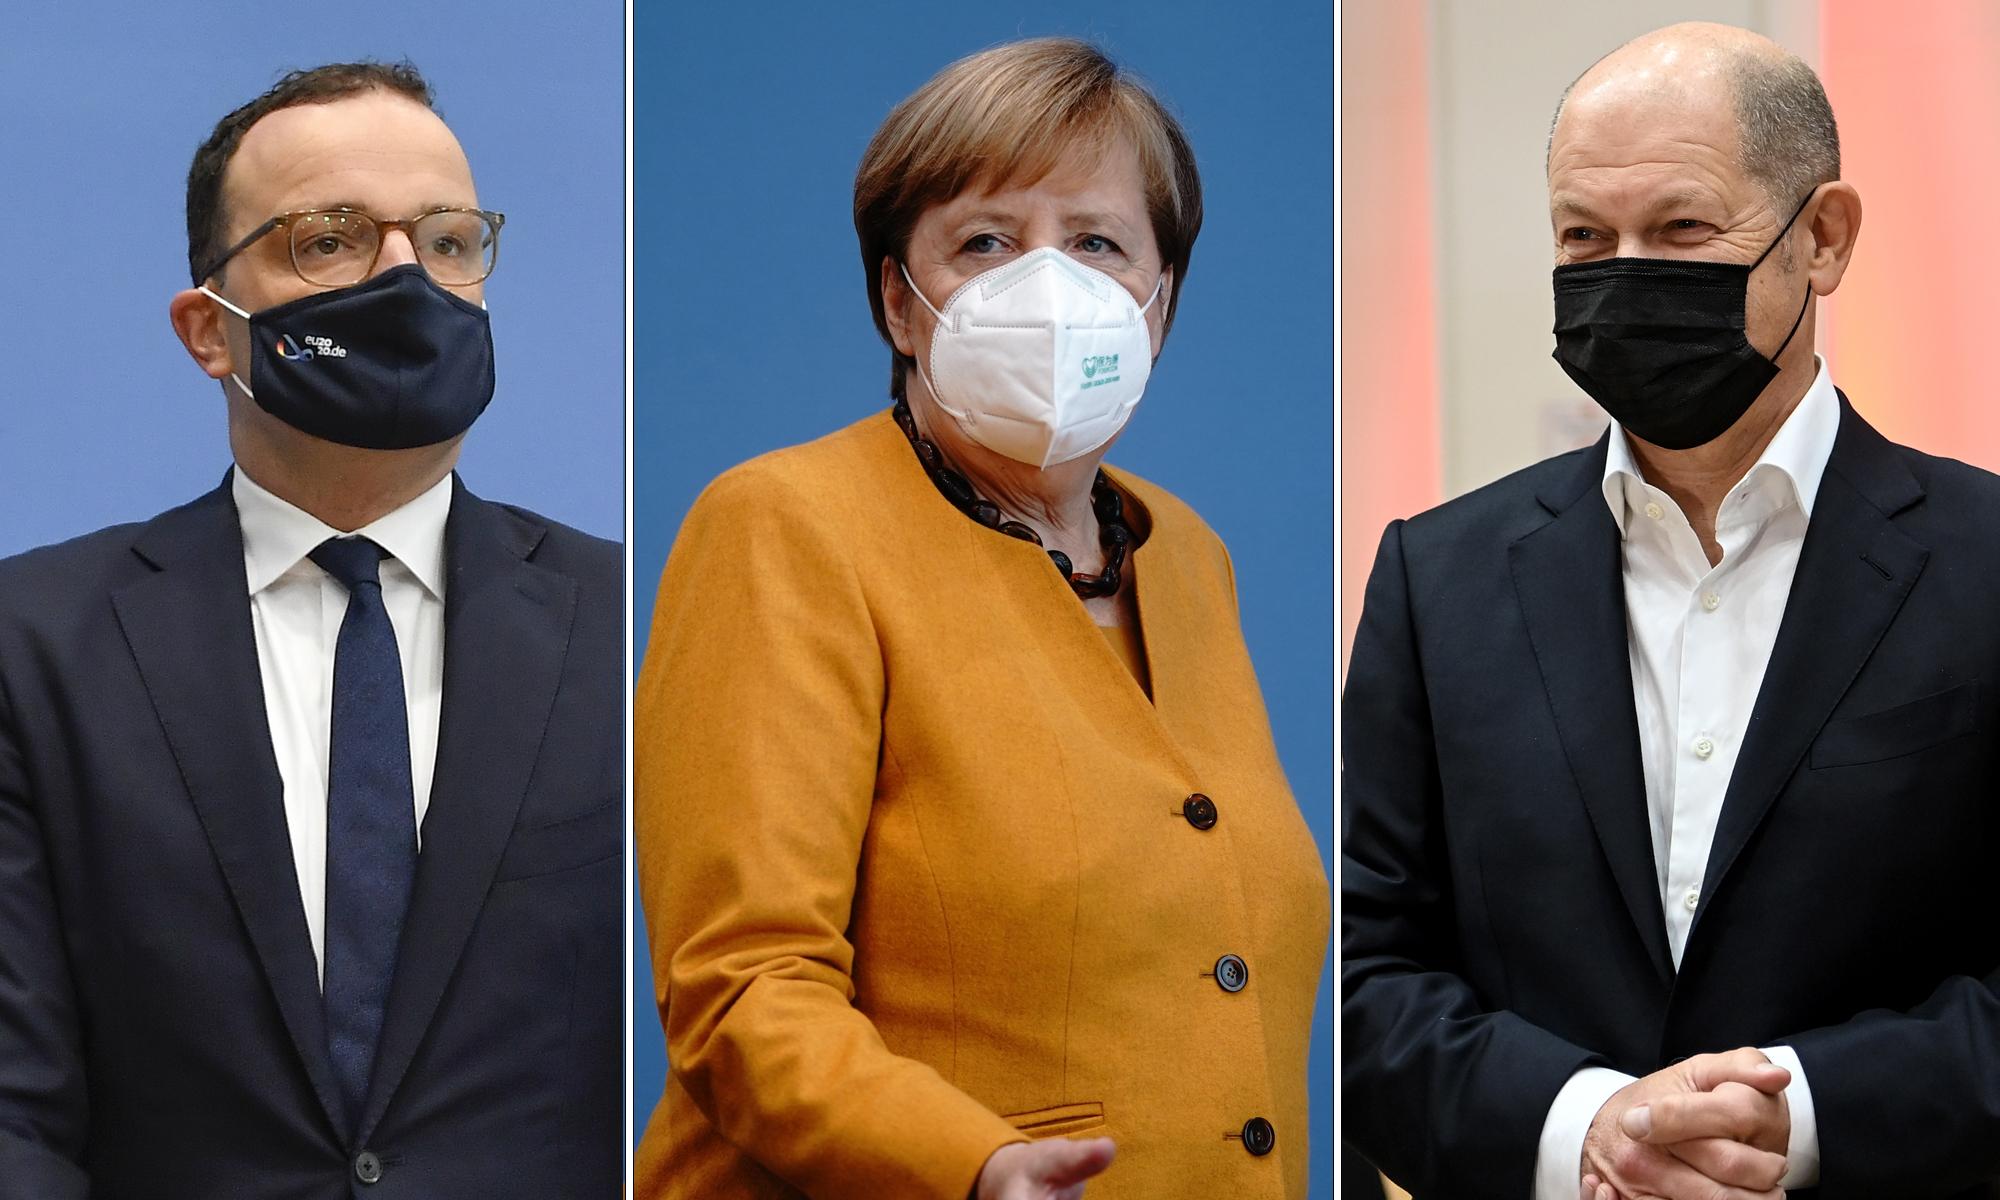 Bundesgesundheitsminister Jens Spahn, Kanzlerin Angela Merkel (beide CDU) und Vizekanzler Olaf Scholz (SPD)